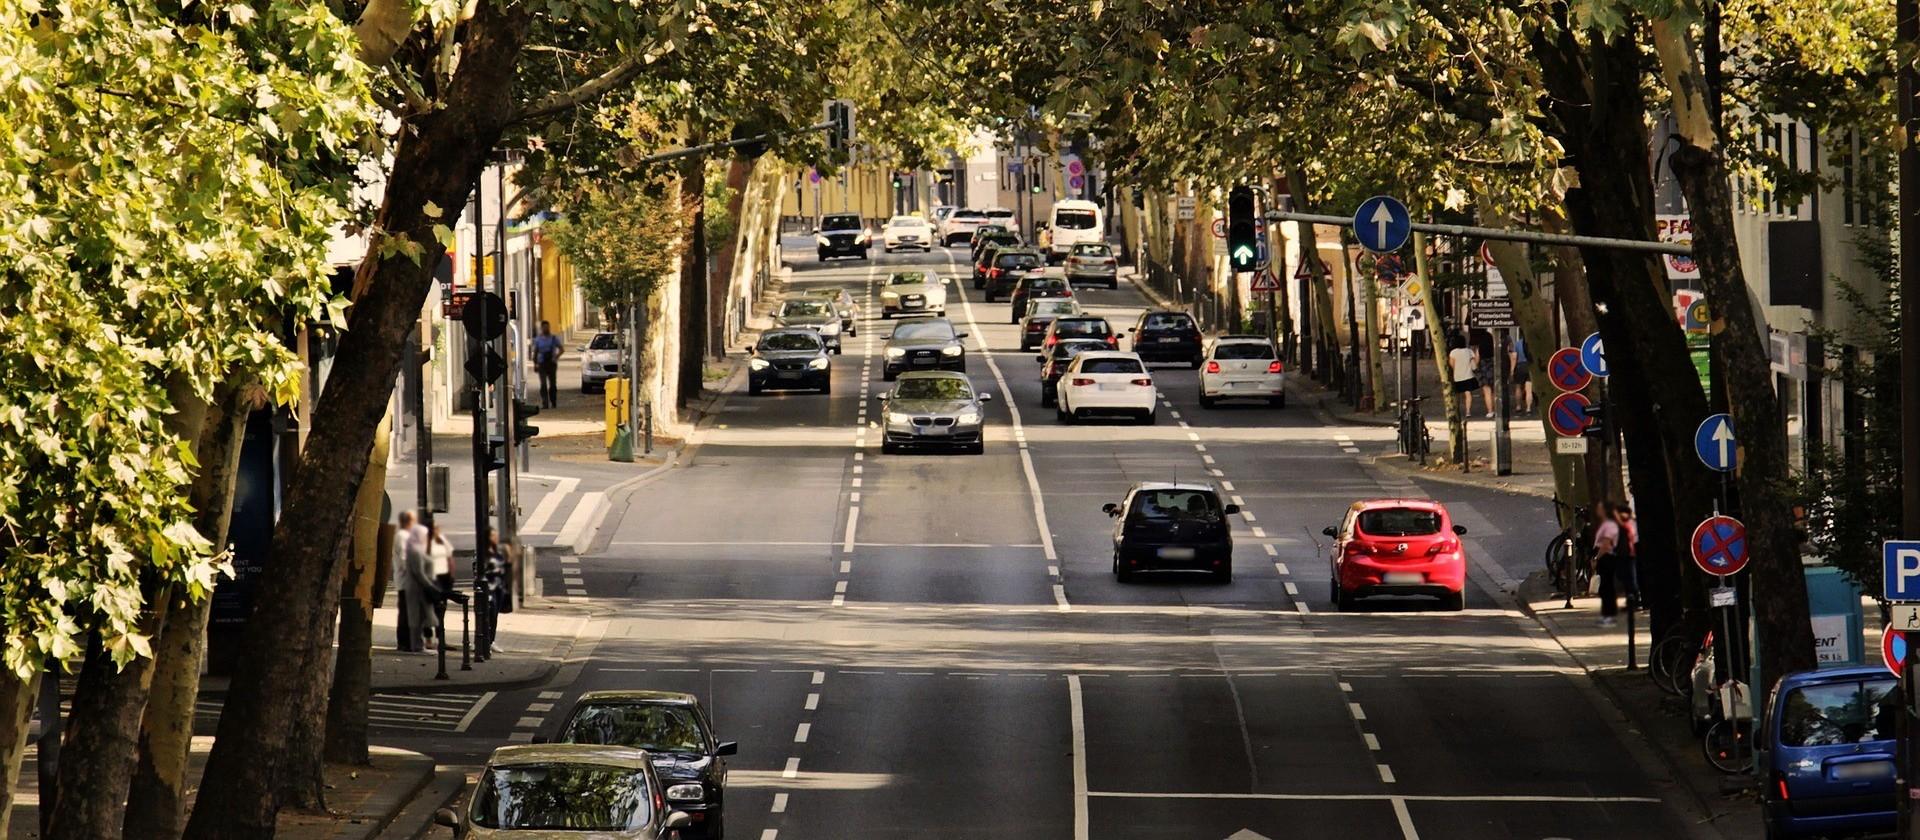 Pesquisa da FGV quer entender e analisar a qualidade da mobilidade urbana das cidades